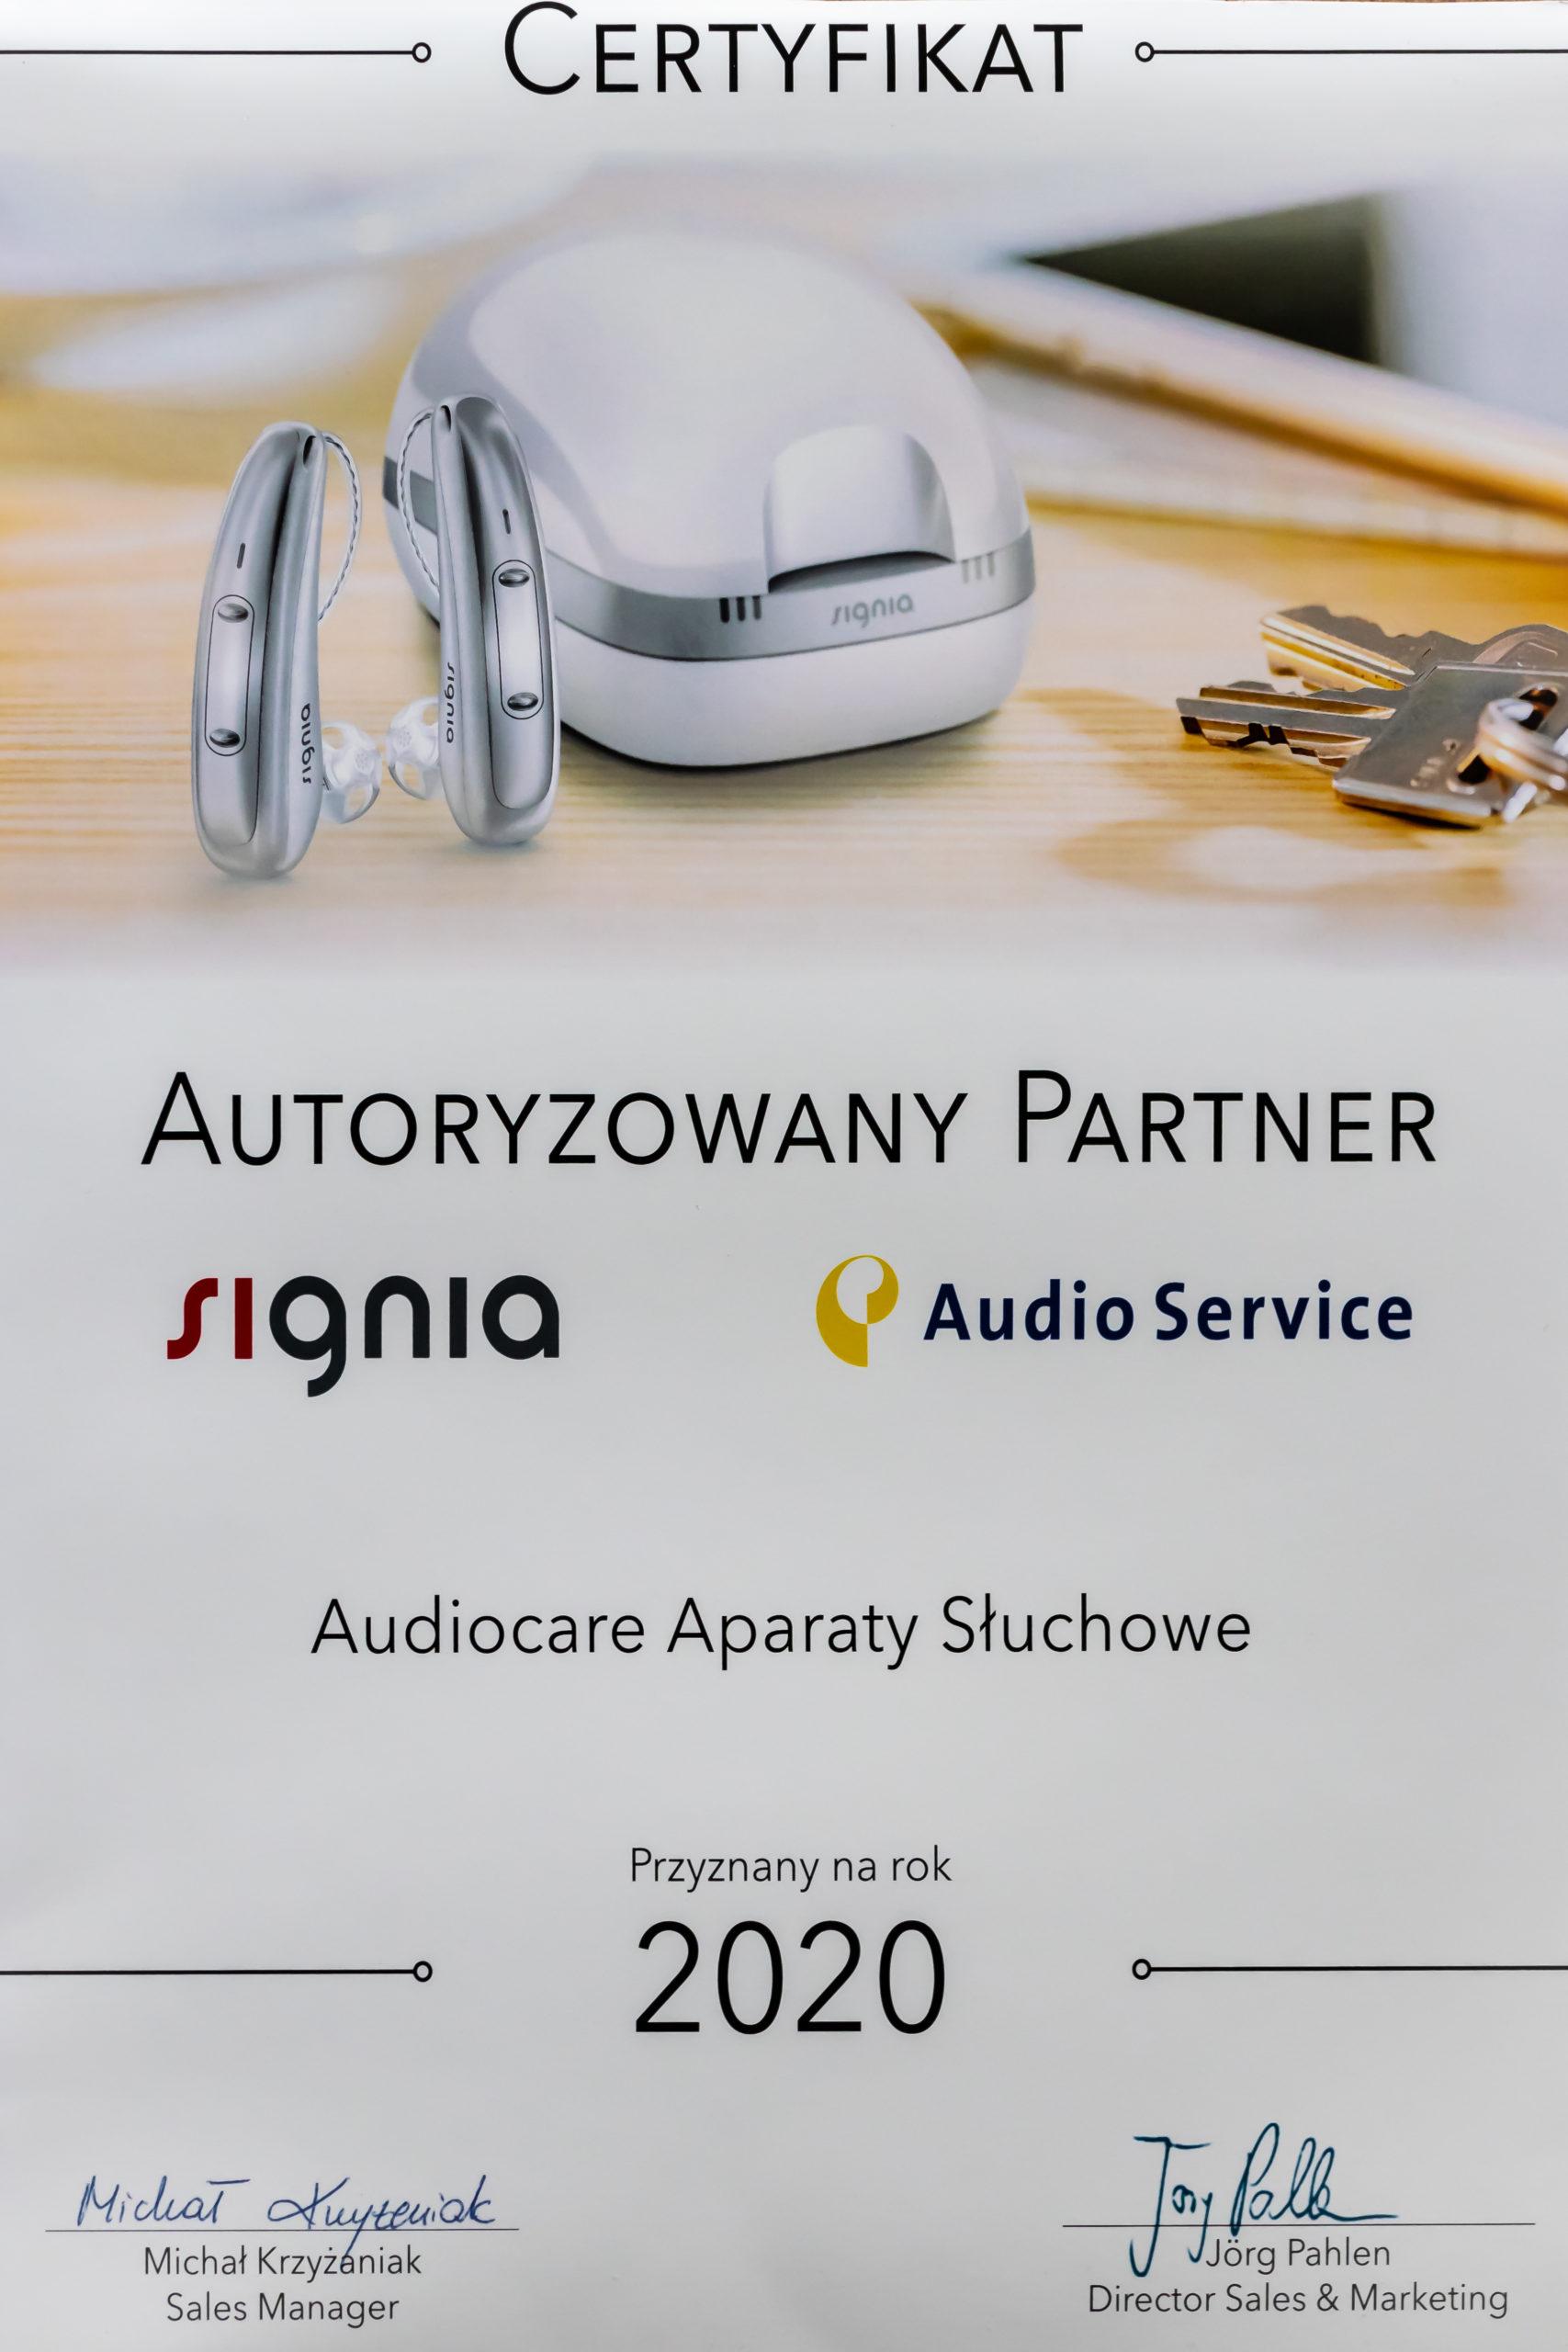 AUDIOCARE Aparaty Słuchowe | Signia - 2020 certyfikat autoryzowany partner